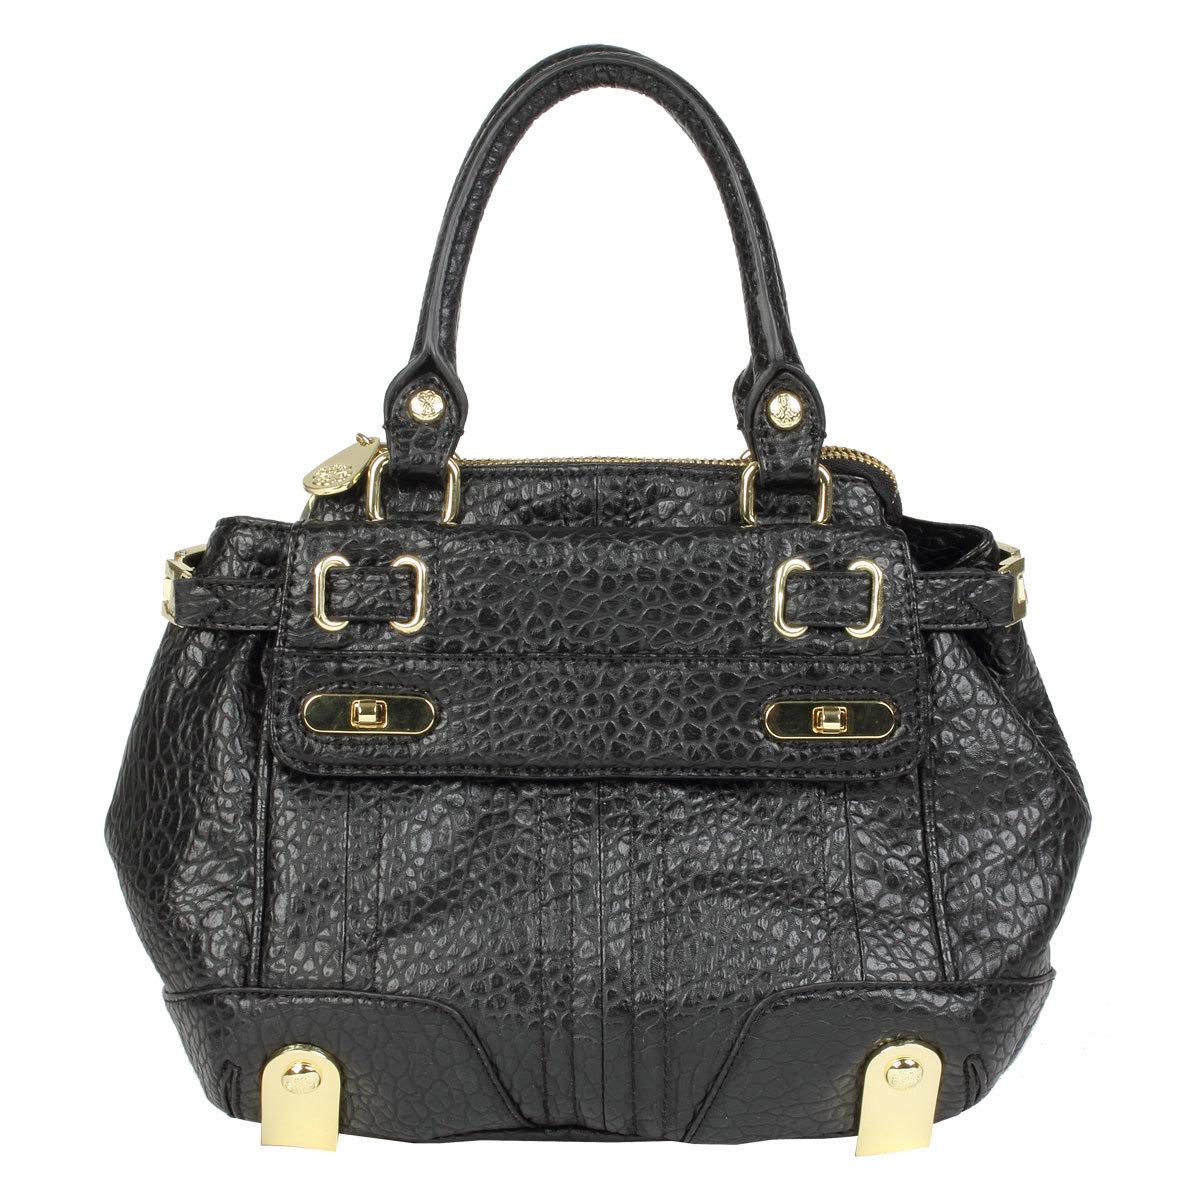 stylish handbags fashion handbags for 2013